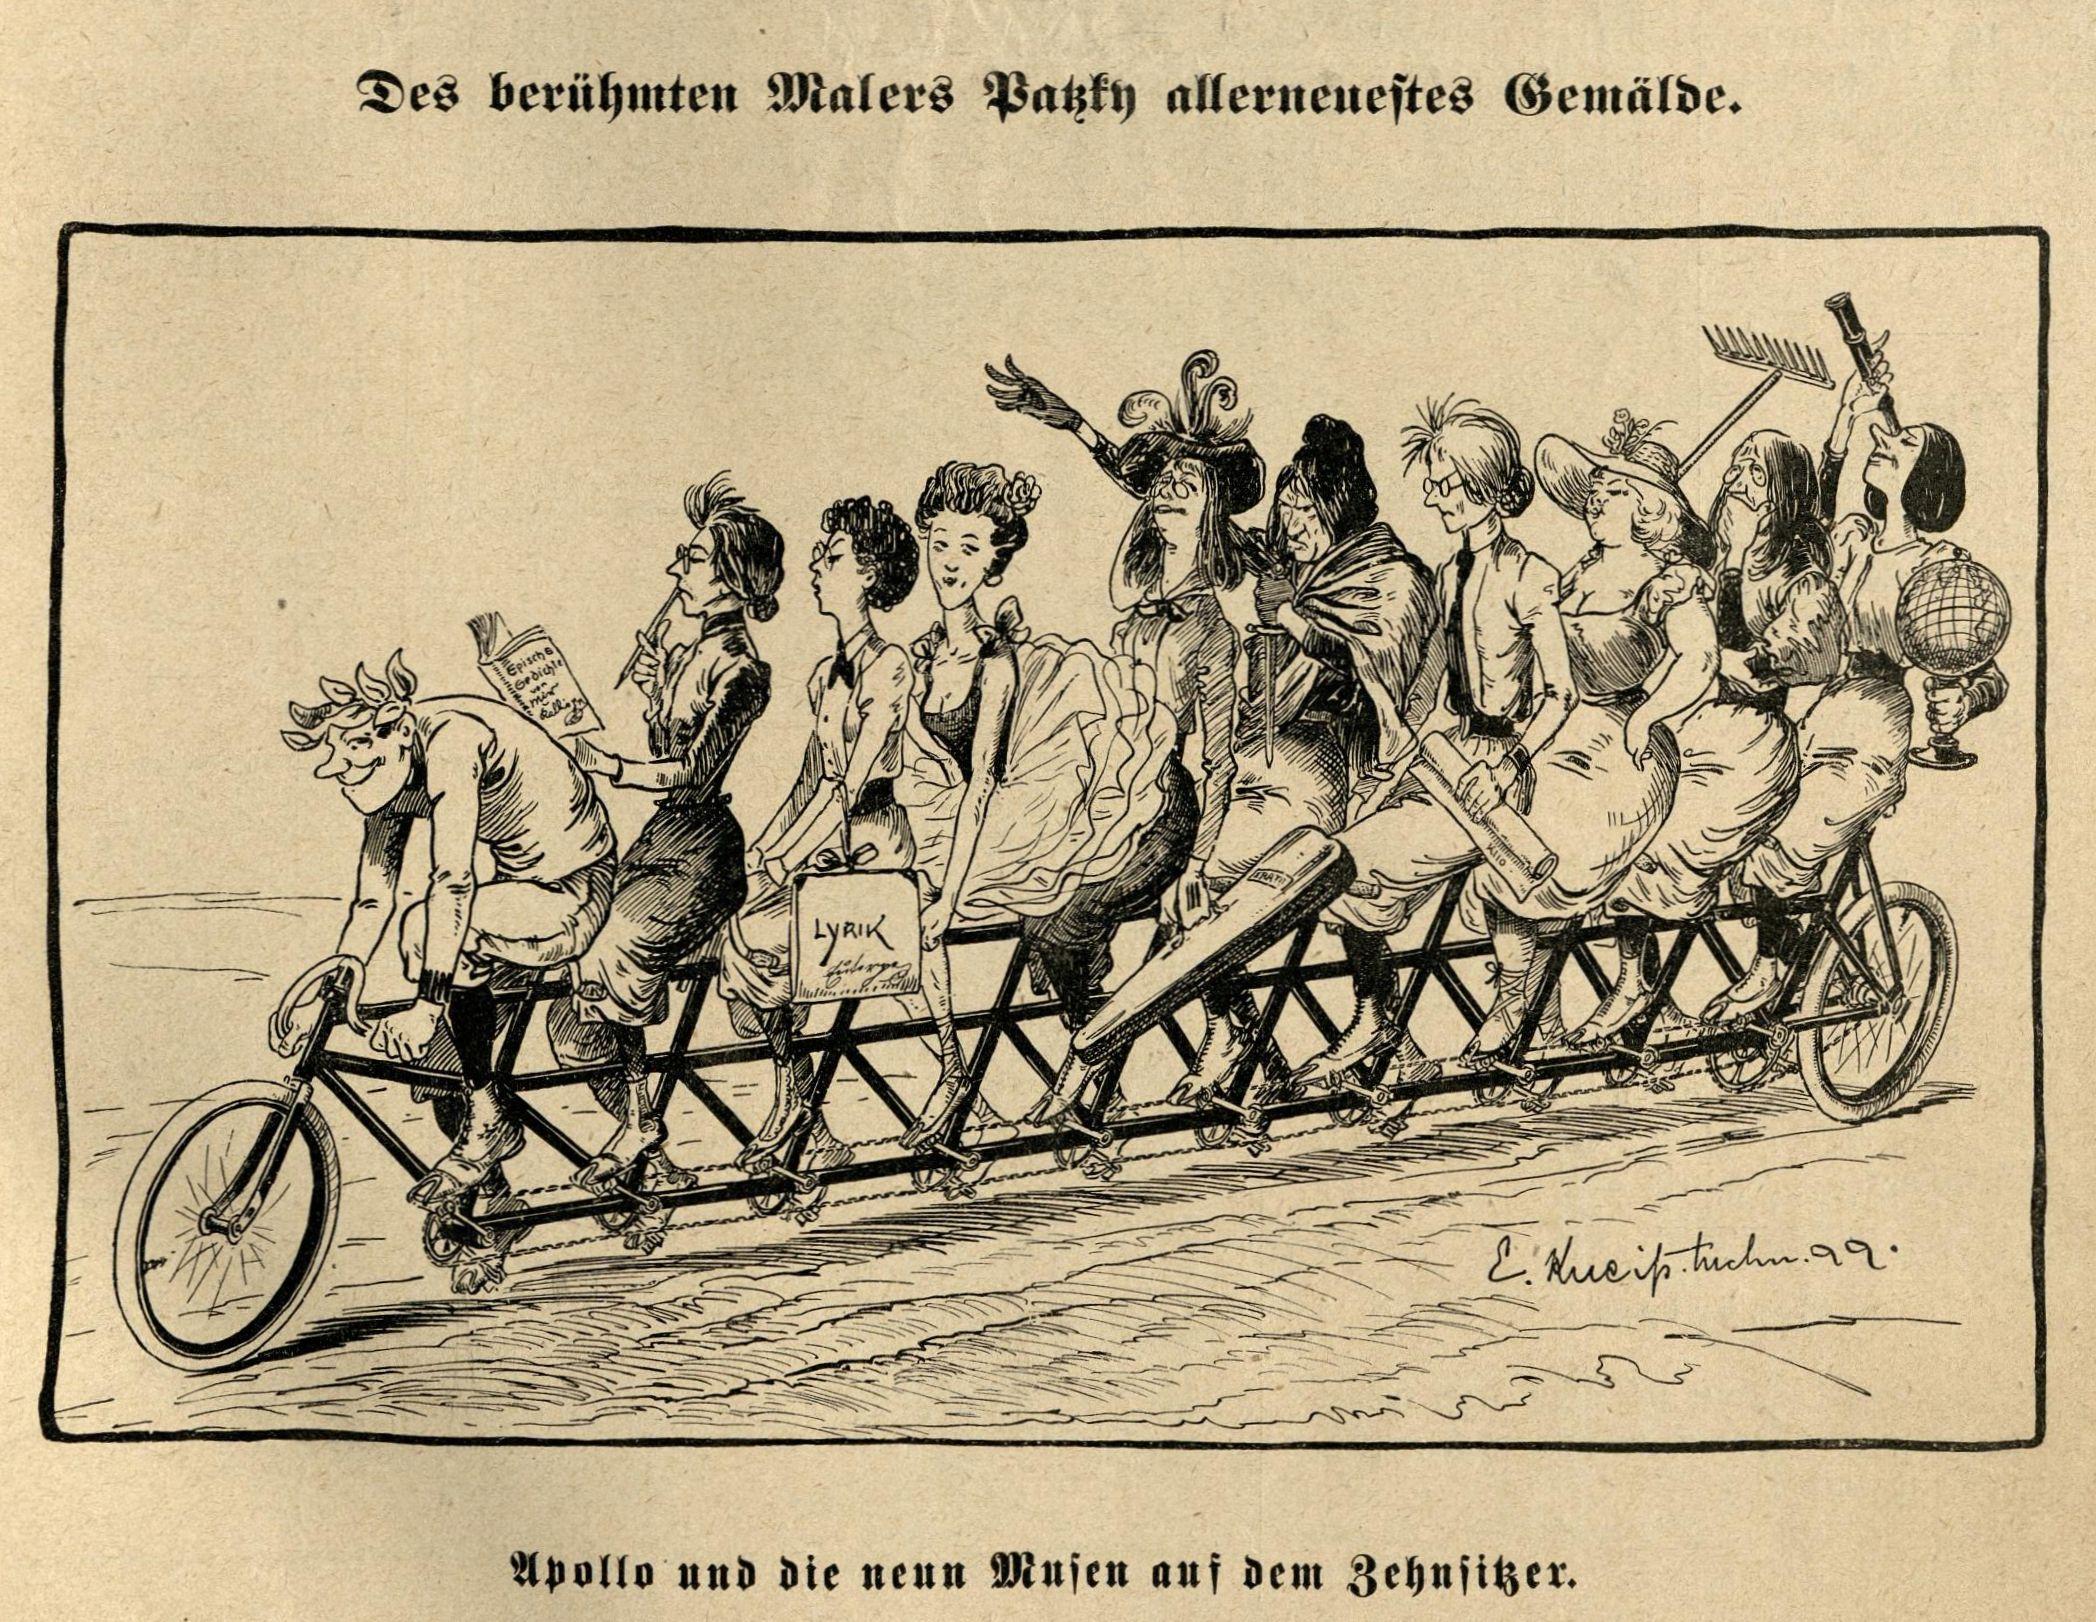 Bild: Apollo und die neun Musen auf dem Zehnsitzer (1899)